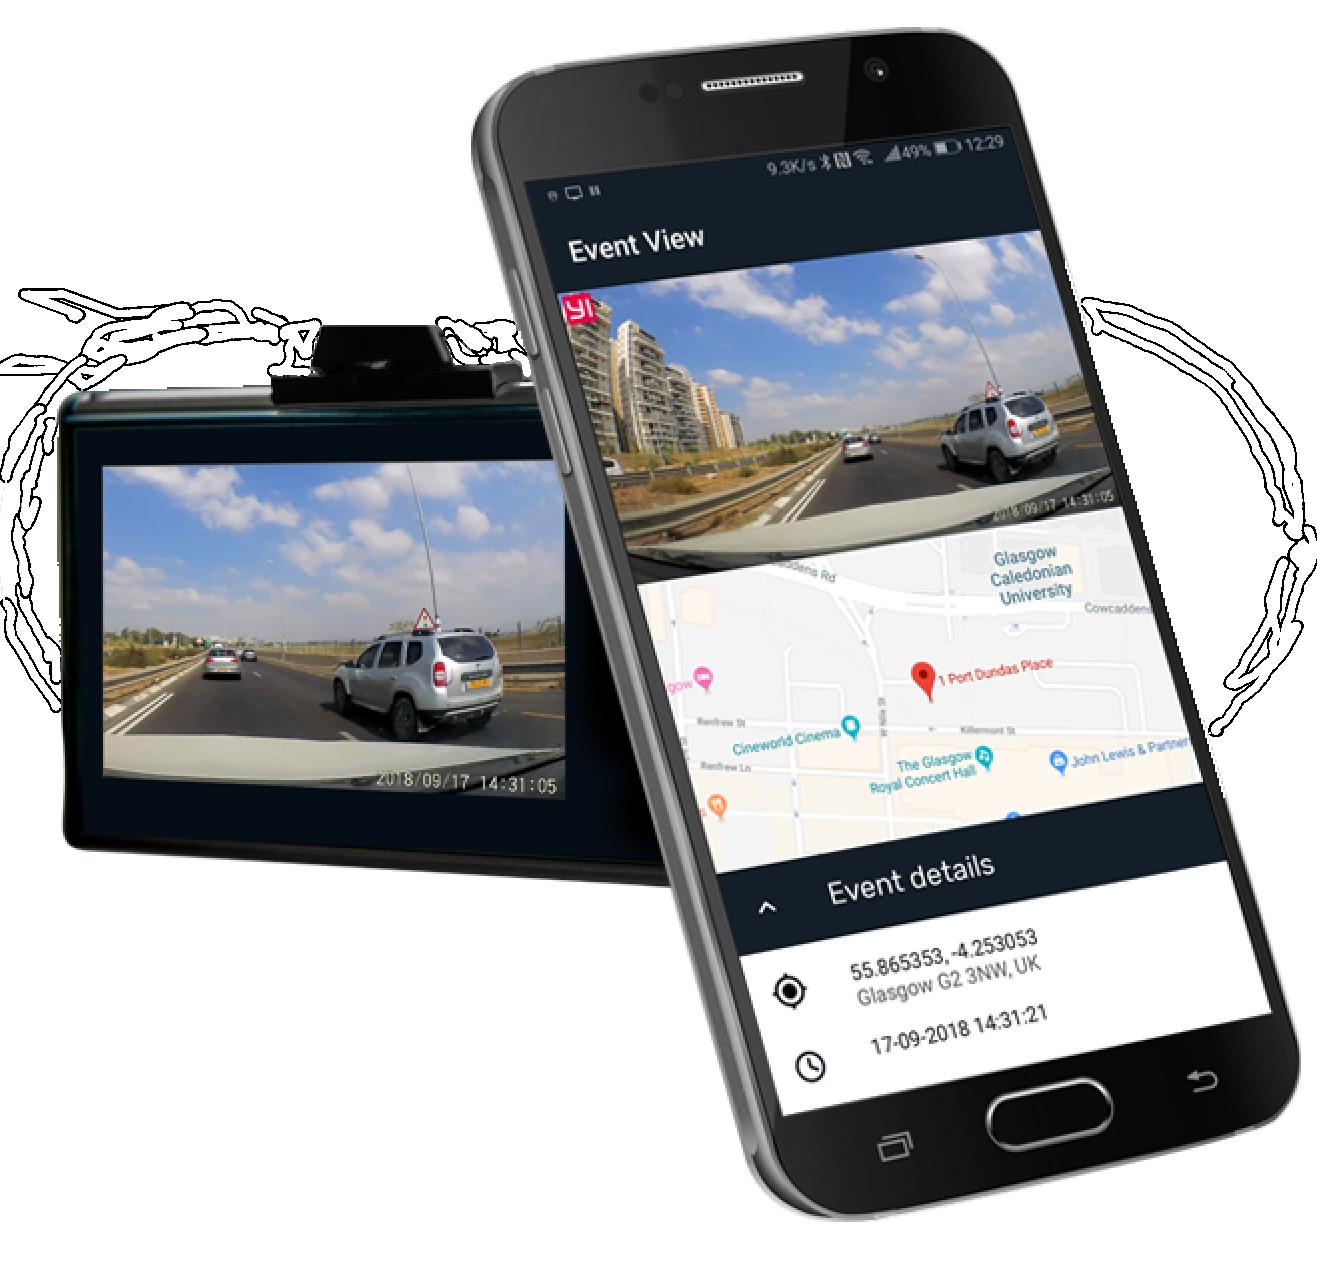 Las imágenes de las cámaras portátiles y la aplicación con rápido acceso a grabaciones de la cámara ayudan a los conductores. Foto: cortesía.